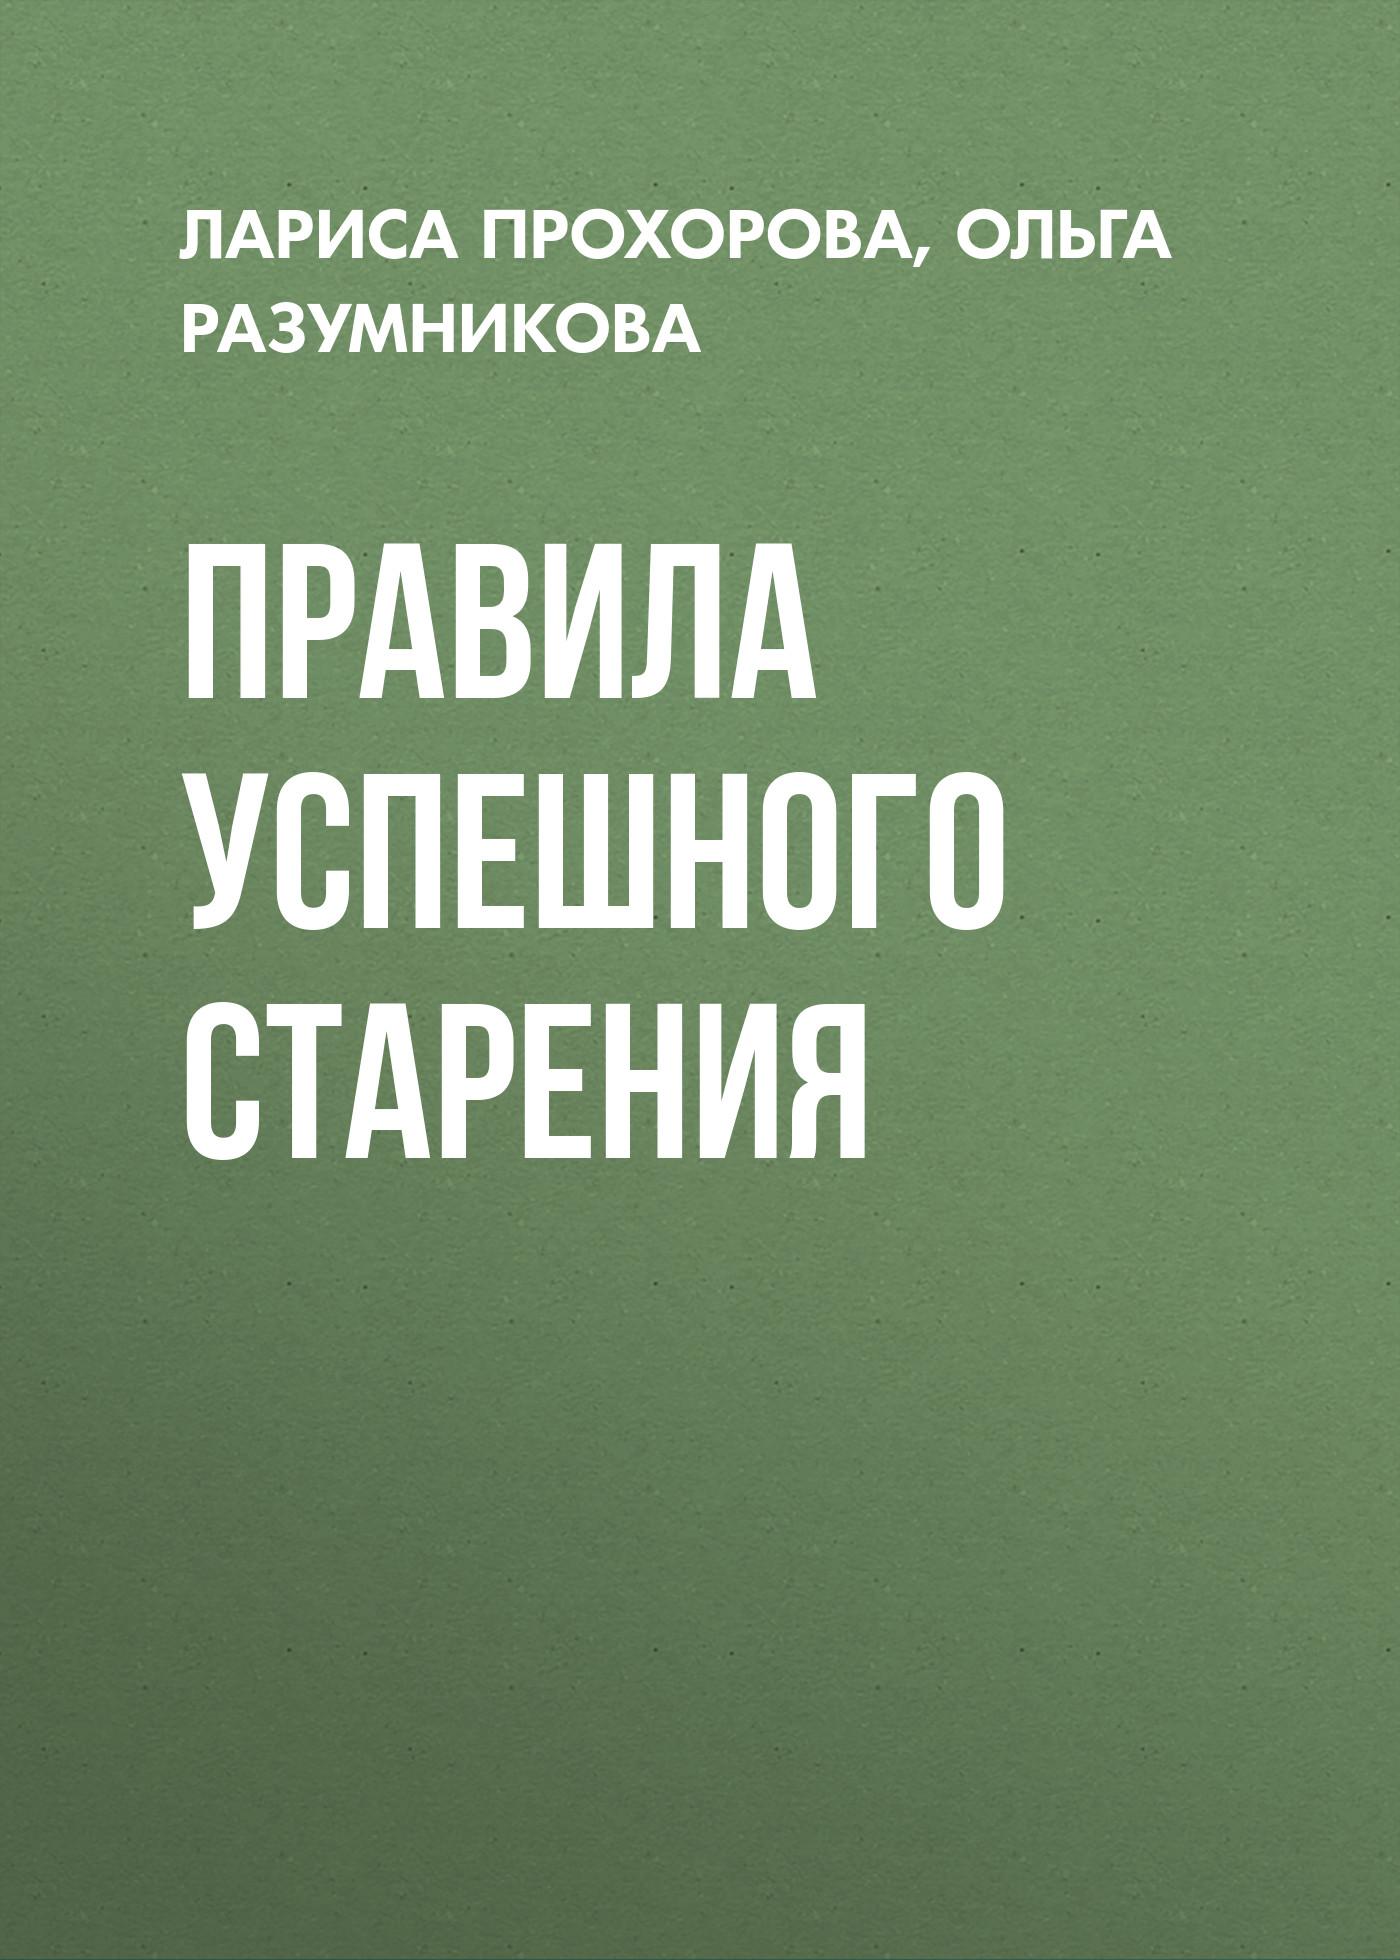 Лариса Прохорова Правила успешного старения ю в новицкая компьютерные знания на windows 7 для слушателей народного факультета нгту